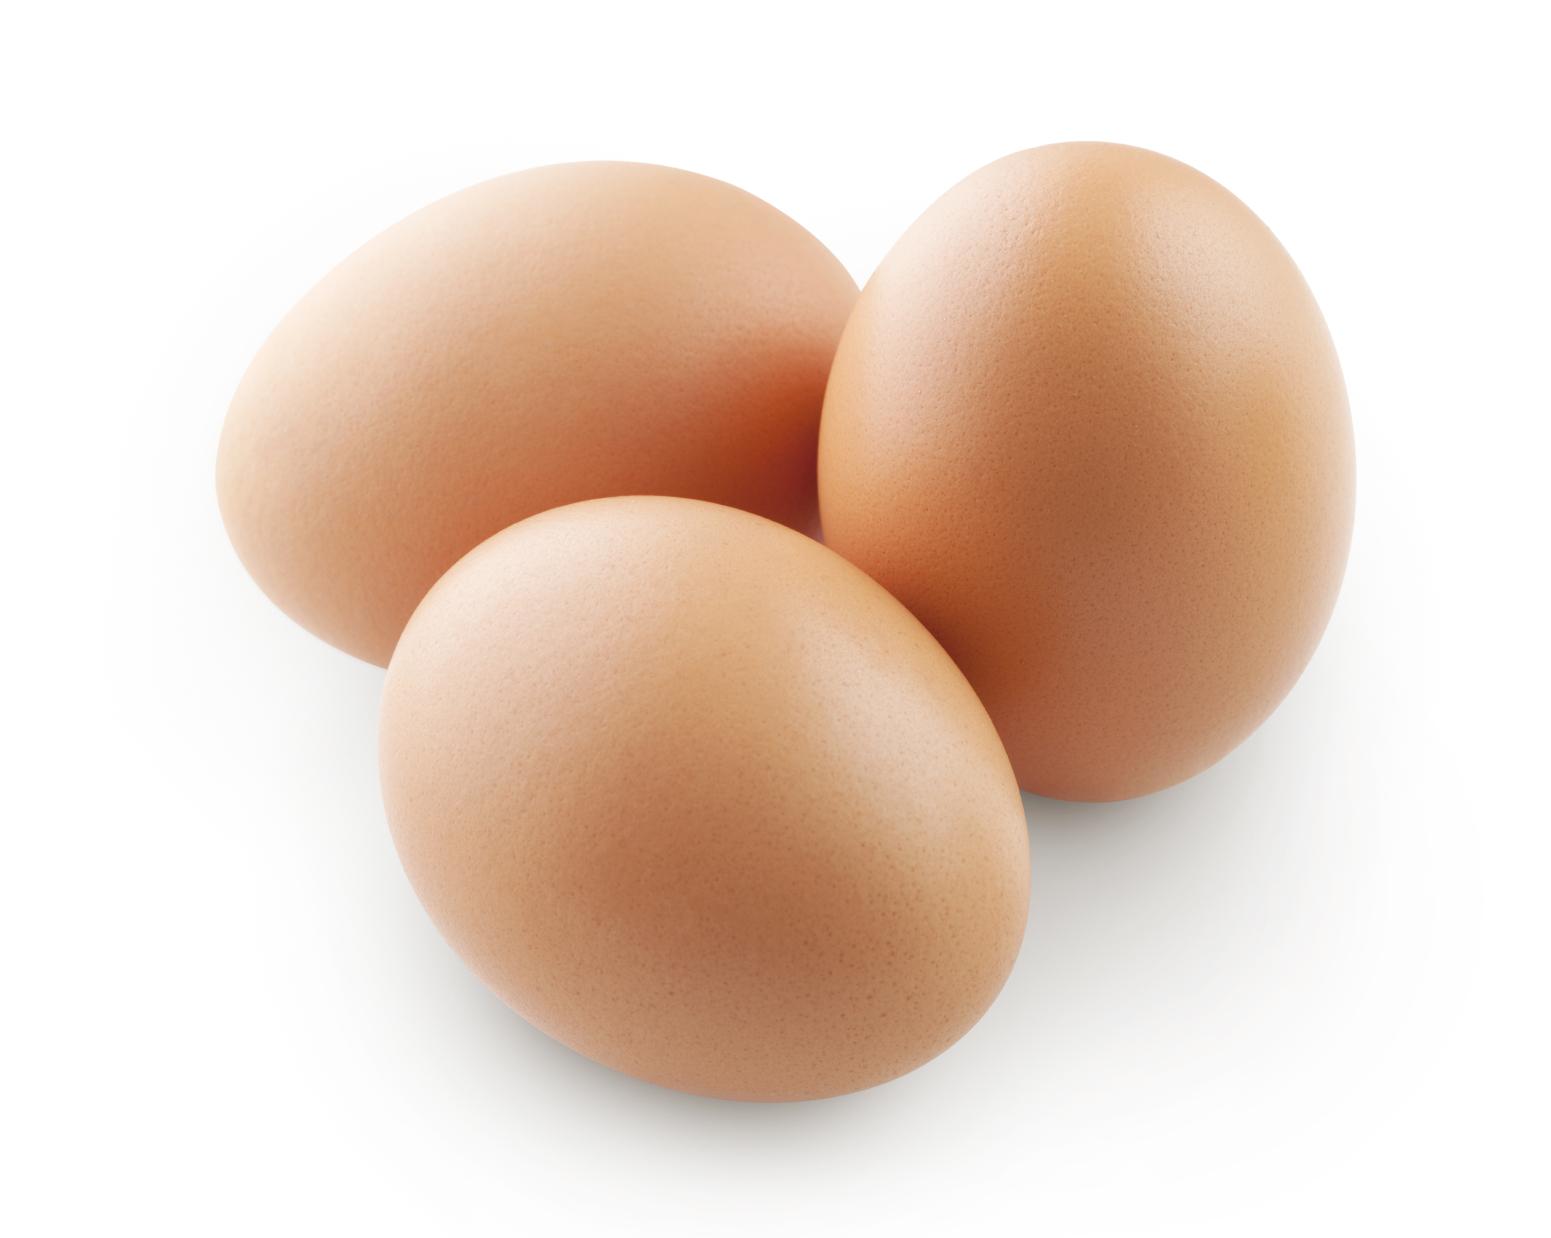 huevos_enriquecidos